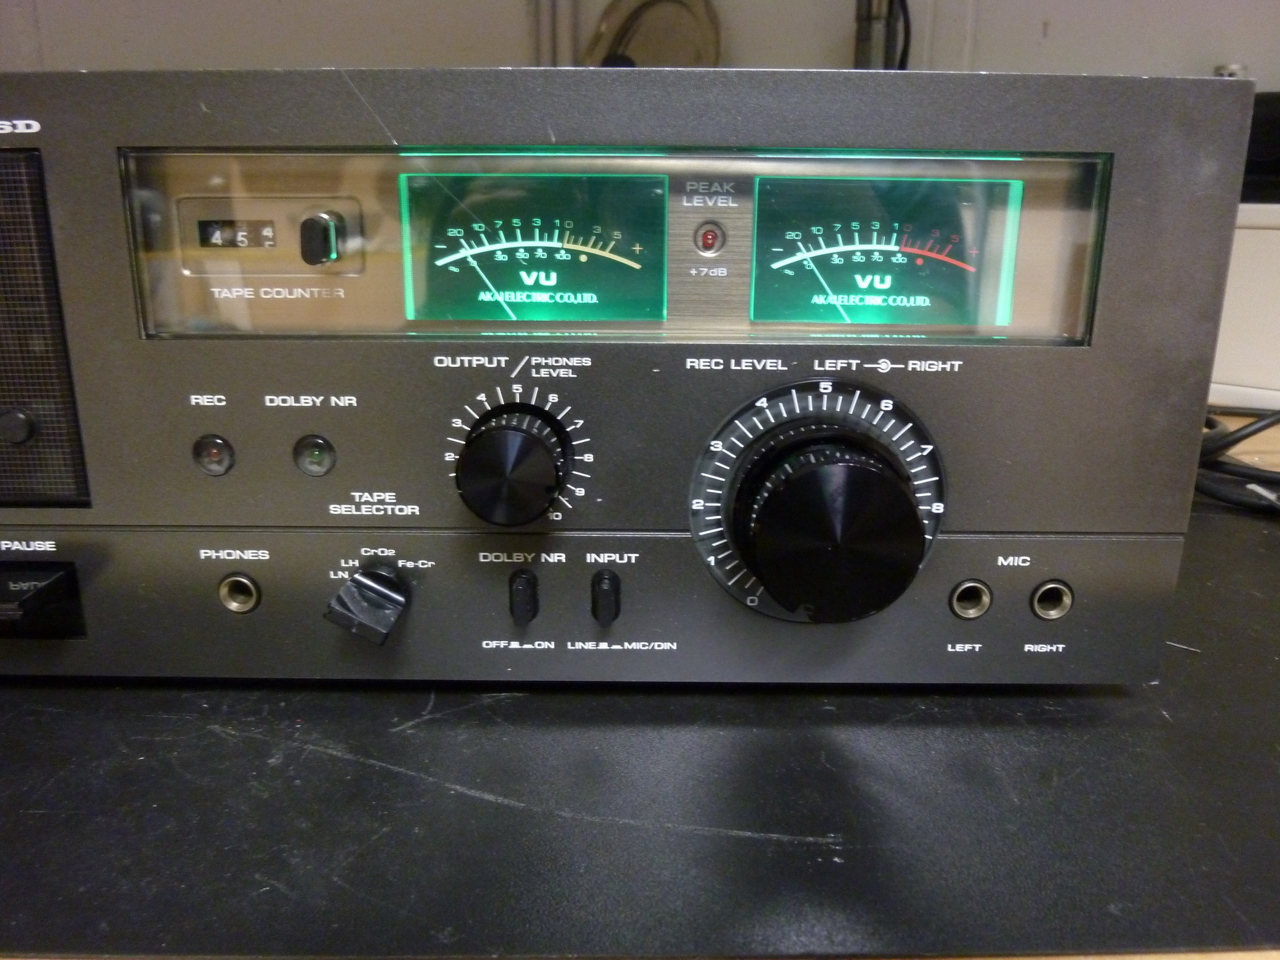 Vu Meter Akai Beleuchtung Vumeter For Power Amplifiers